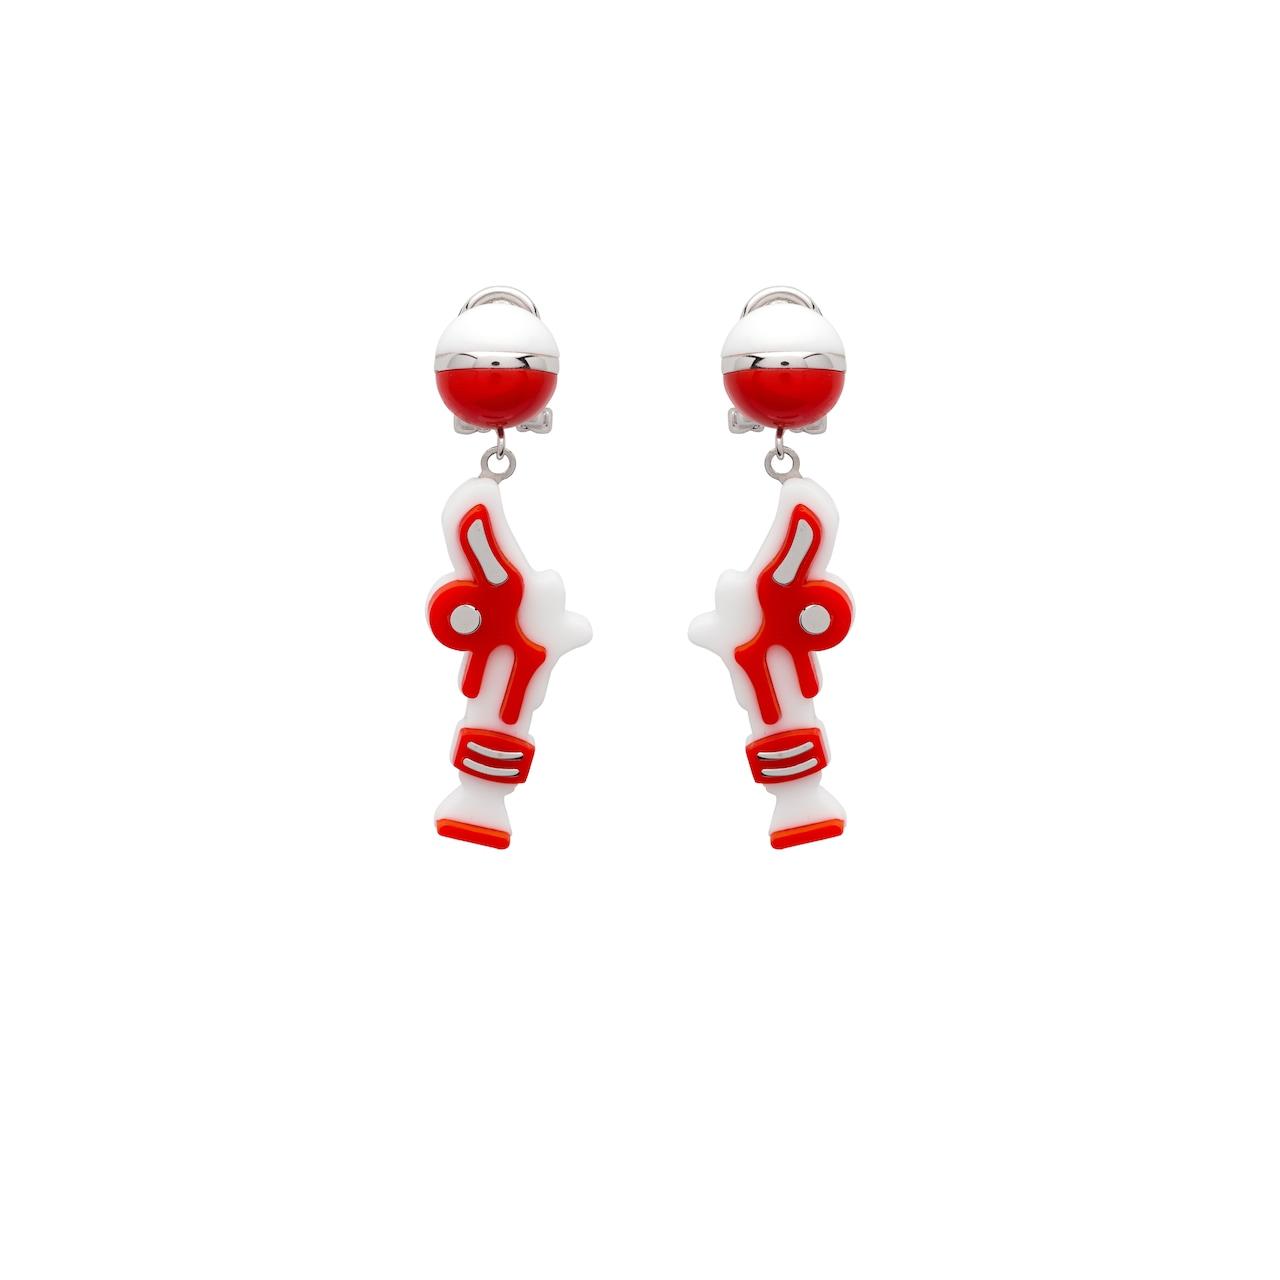 b57682e71 Prada Pop earrings | Prada - 1JO238_2BZM_F0D17